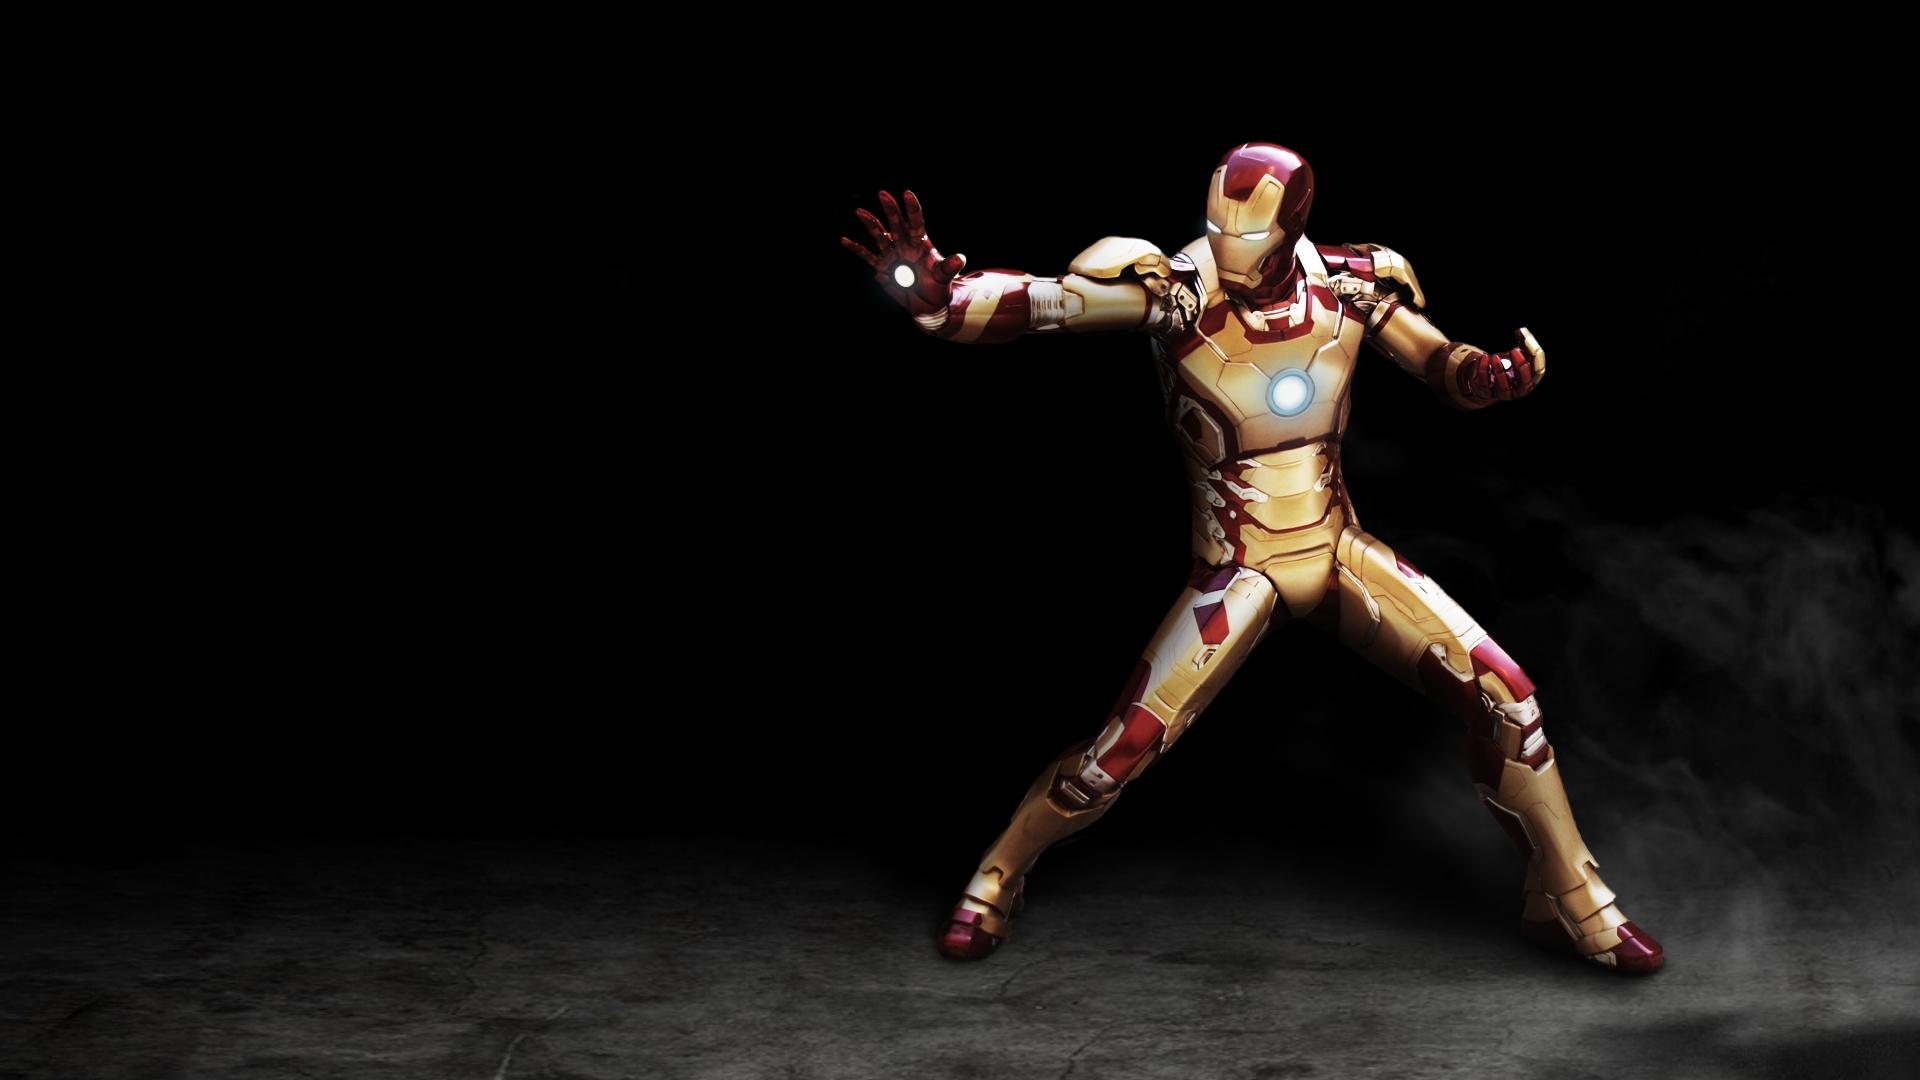 Cool Iron Man Wallpaper Best 7698 Wallpaper High Resolution 1920x1080